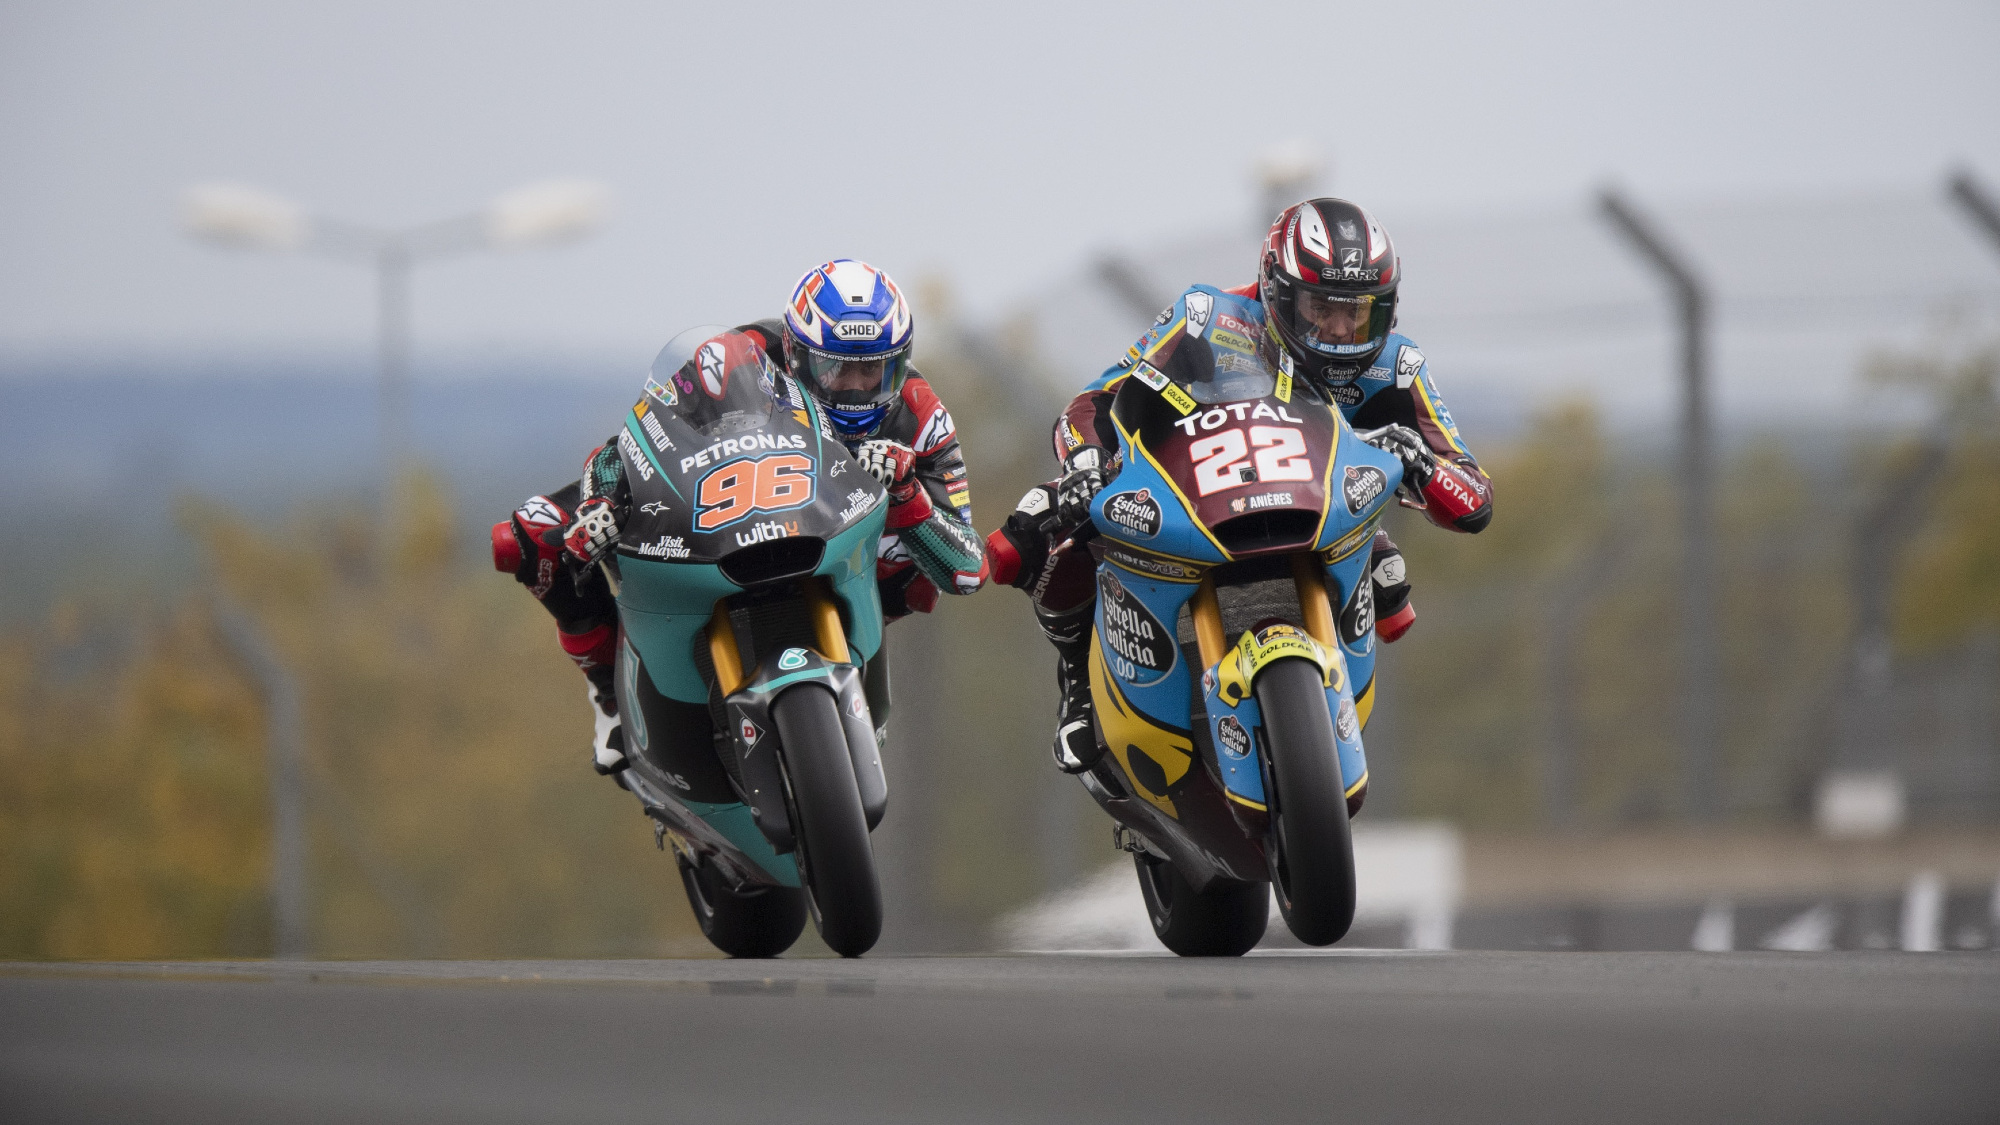 Jake Dixon, Sam Lowes, Moto2 2020 Le Mans